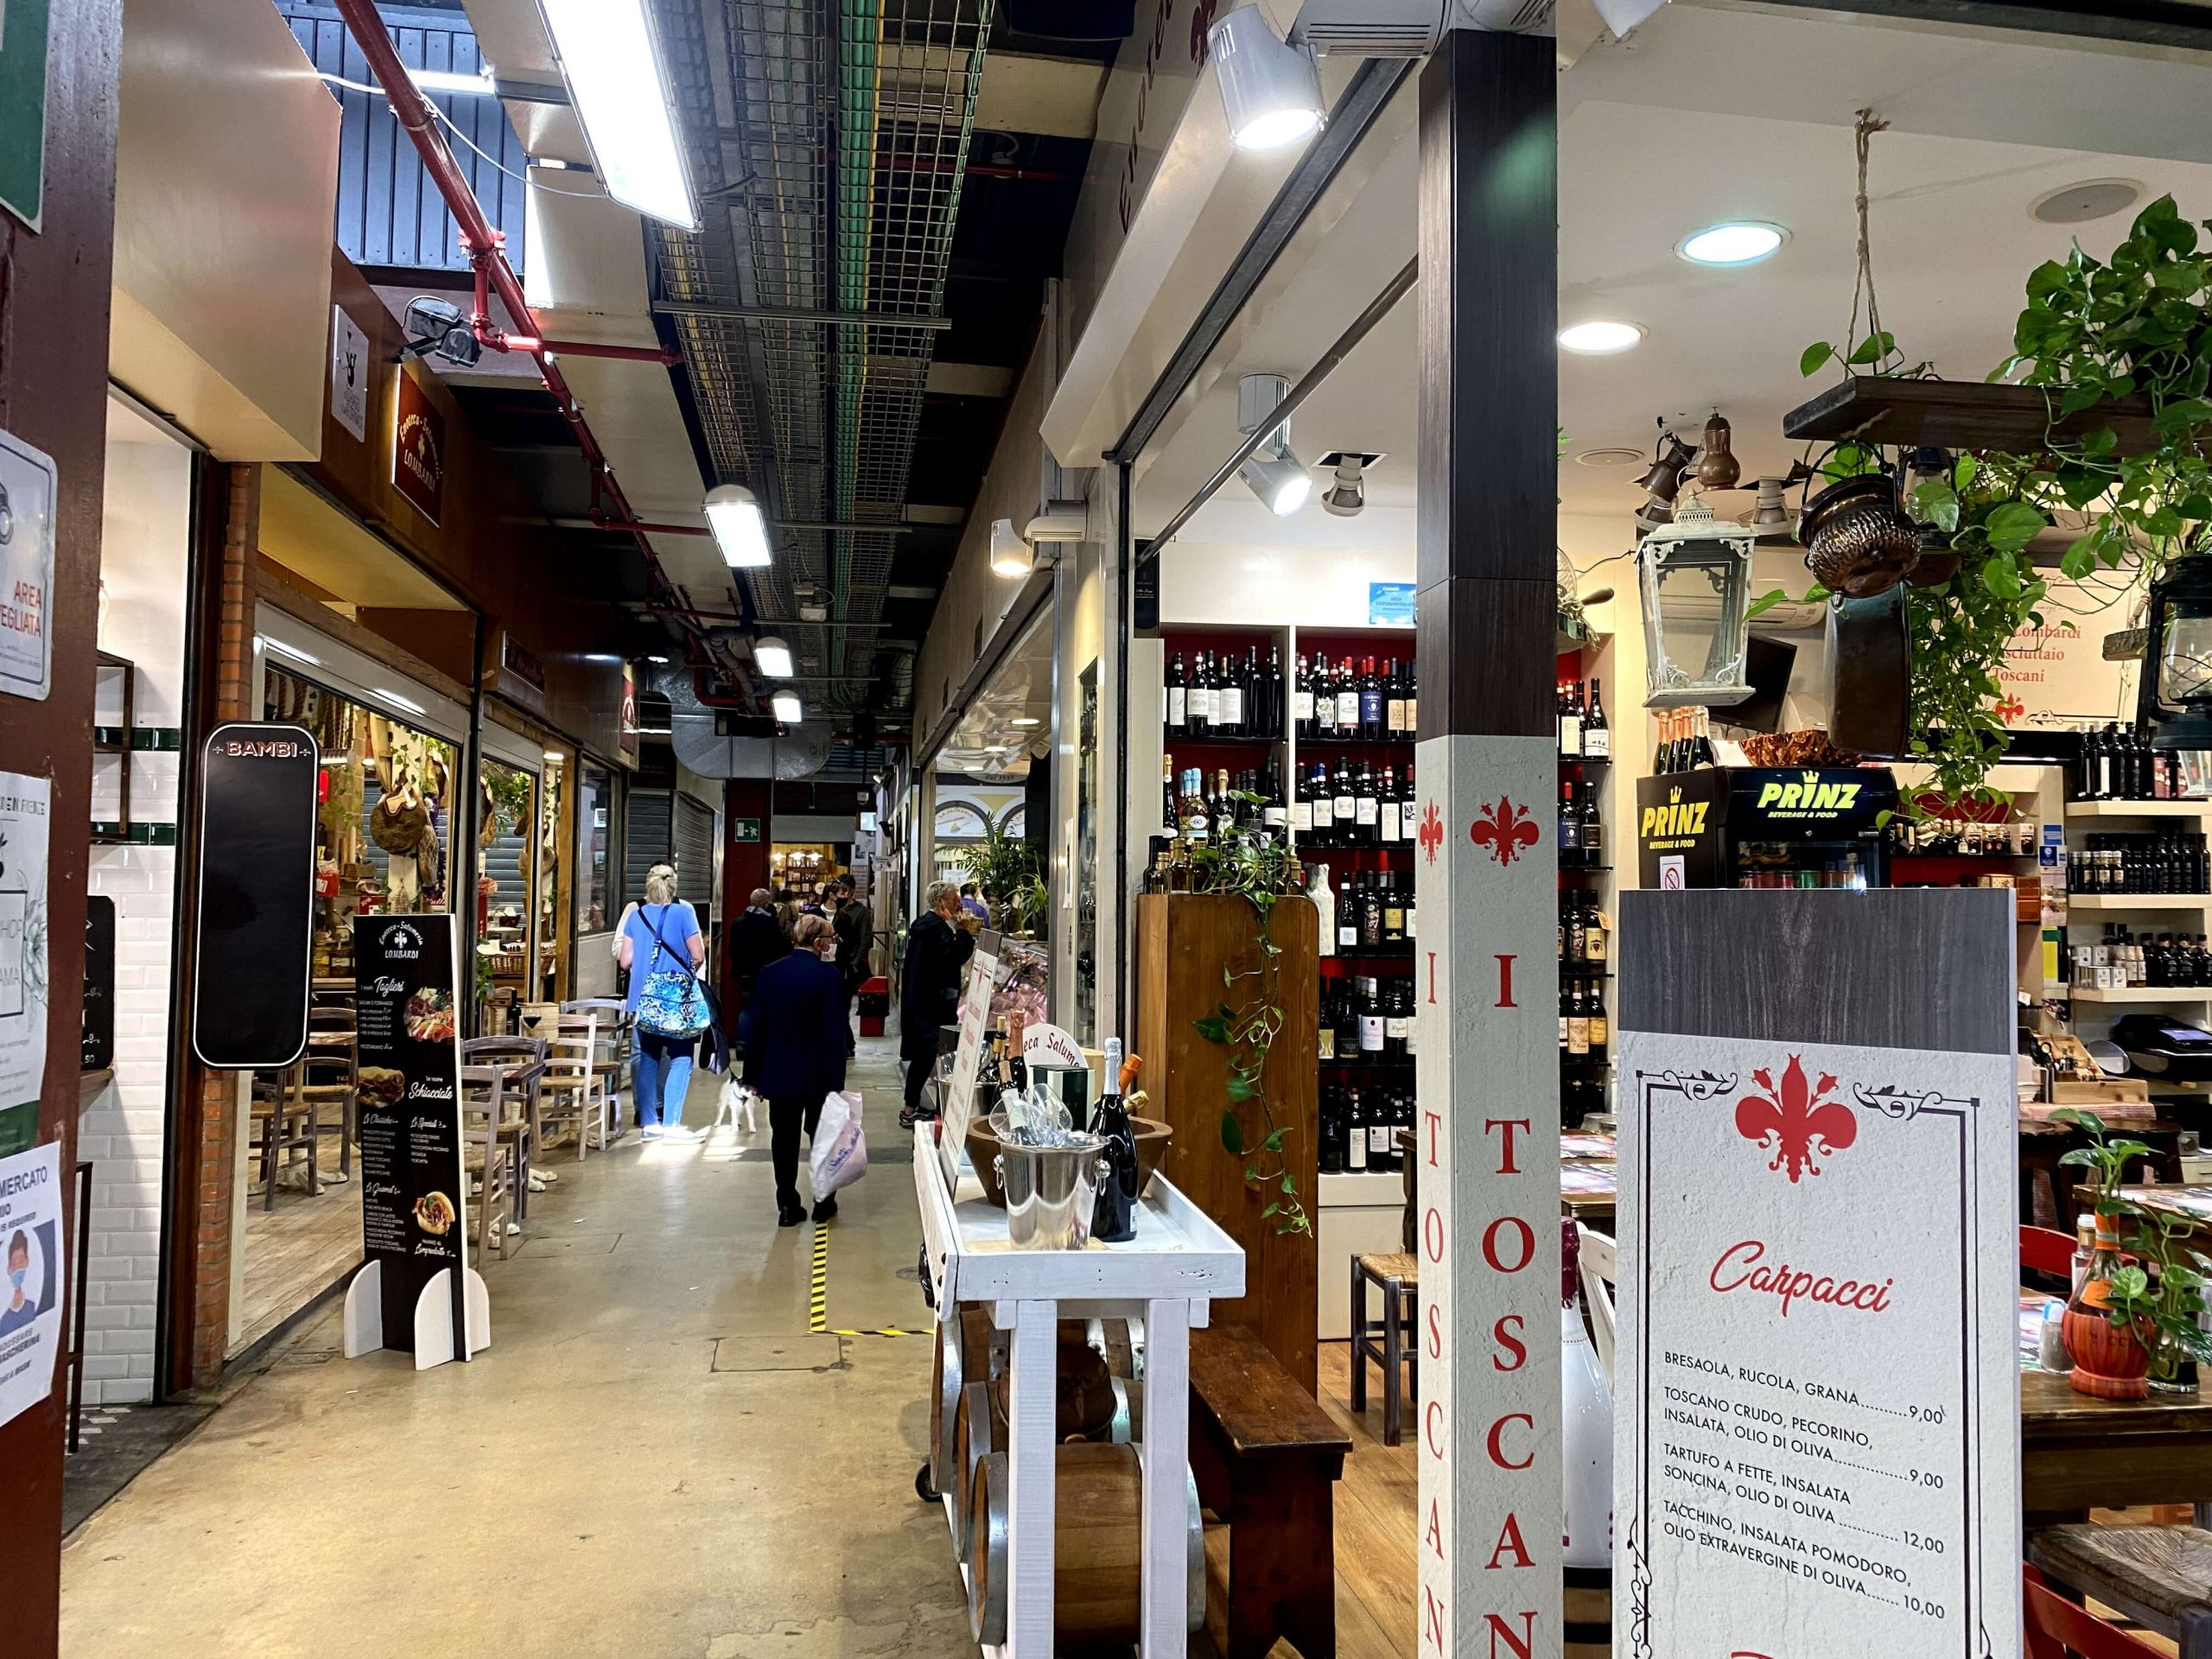 mercado central florencia